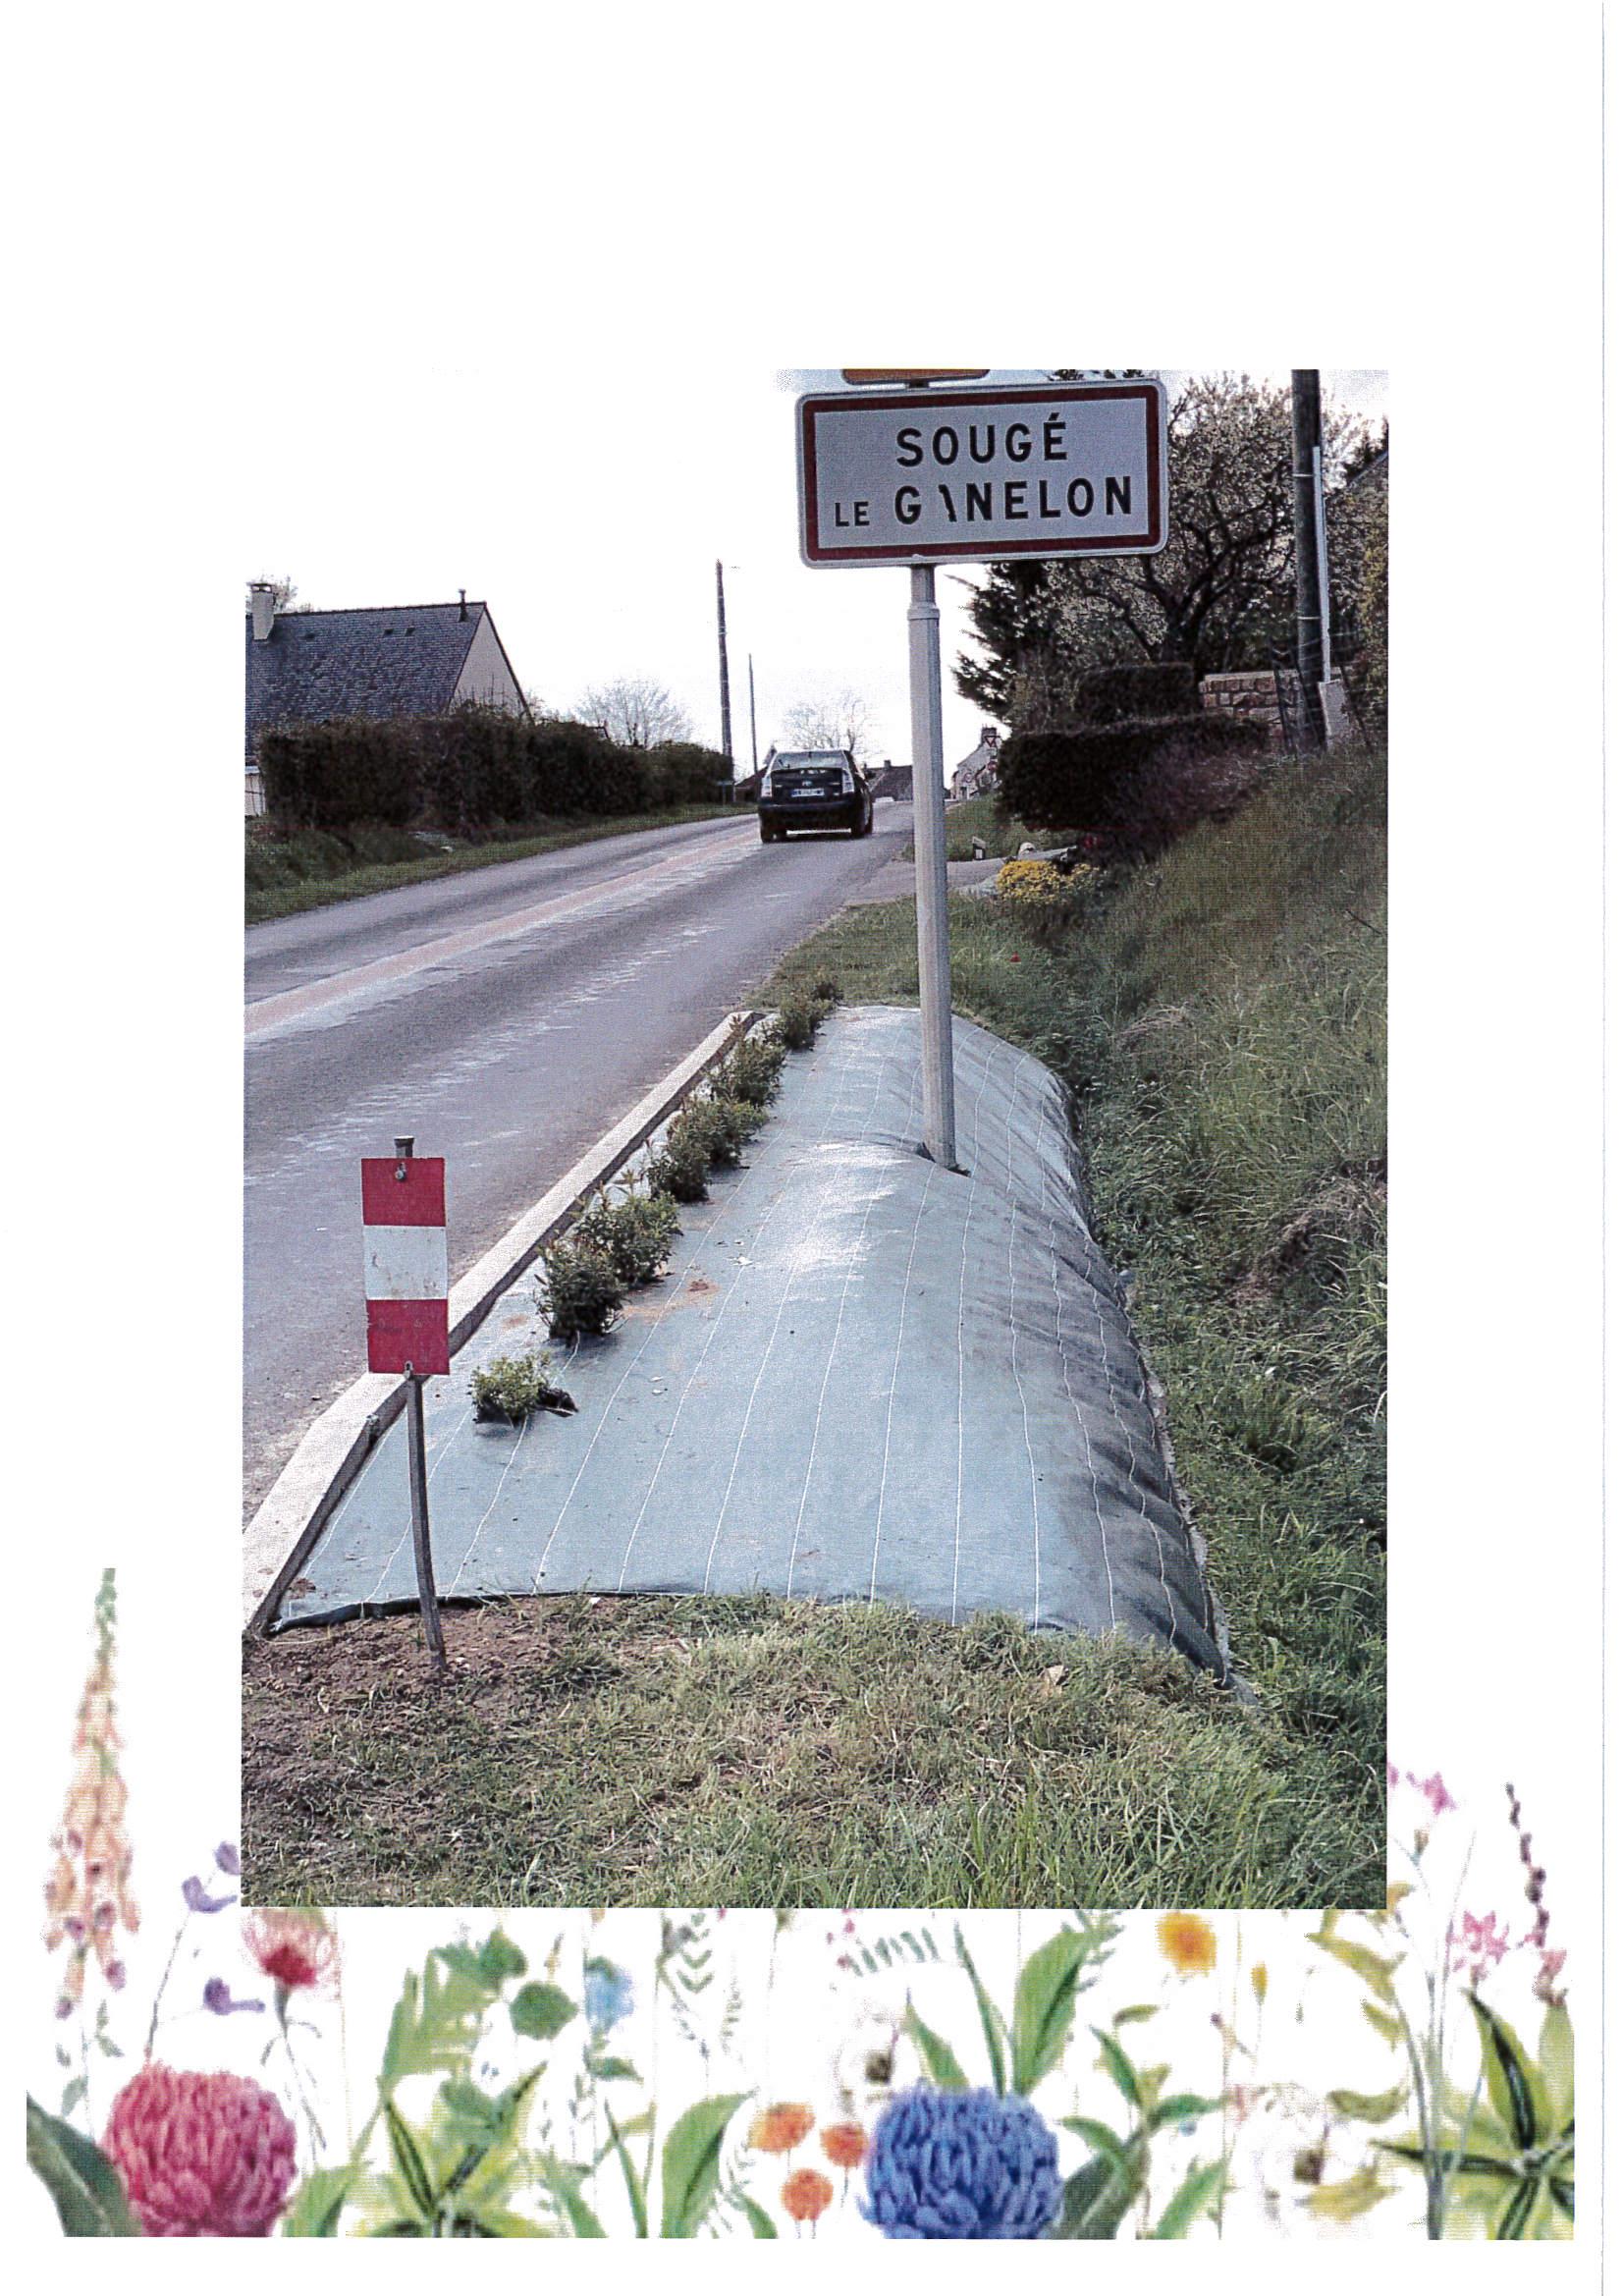 Aménagement paysager des entrées de bourg sur route départementale